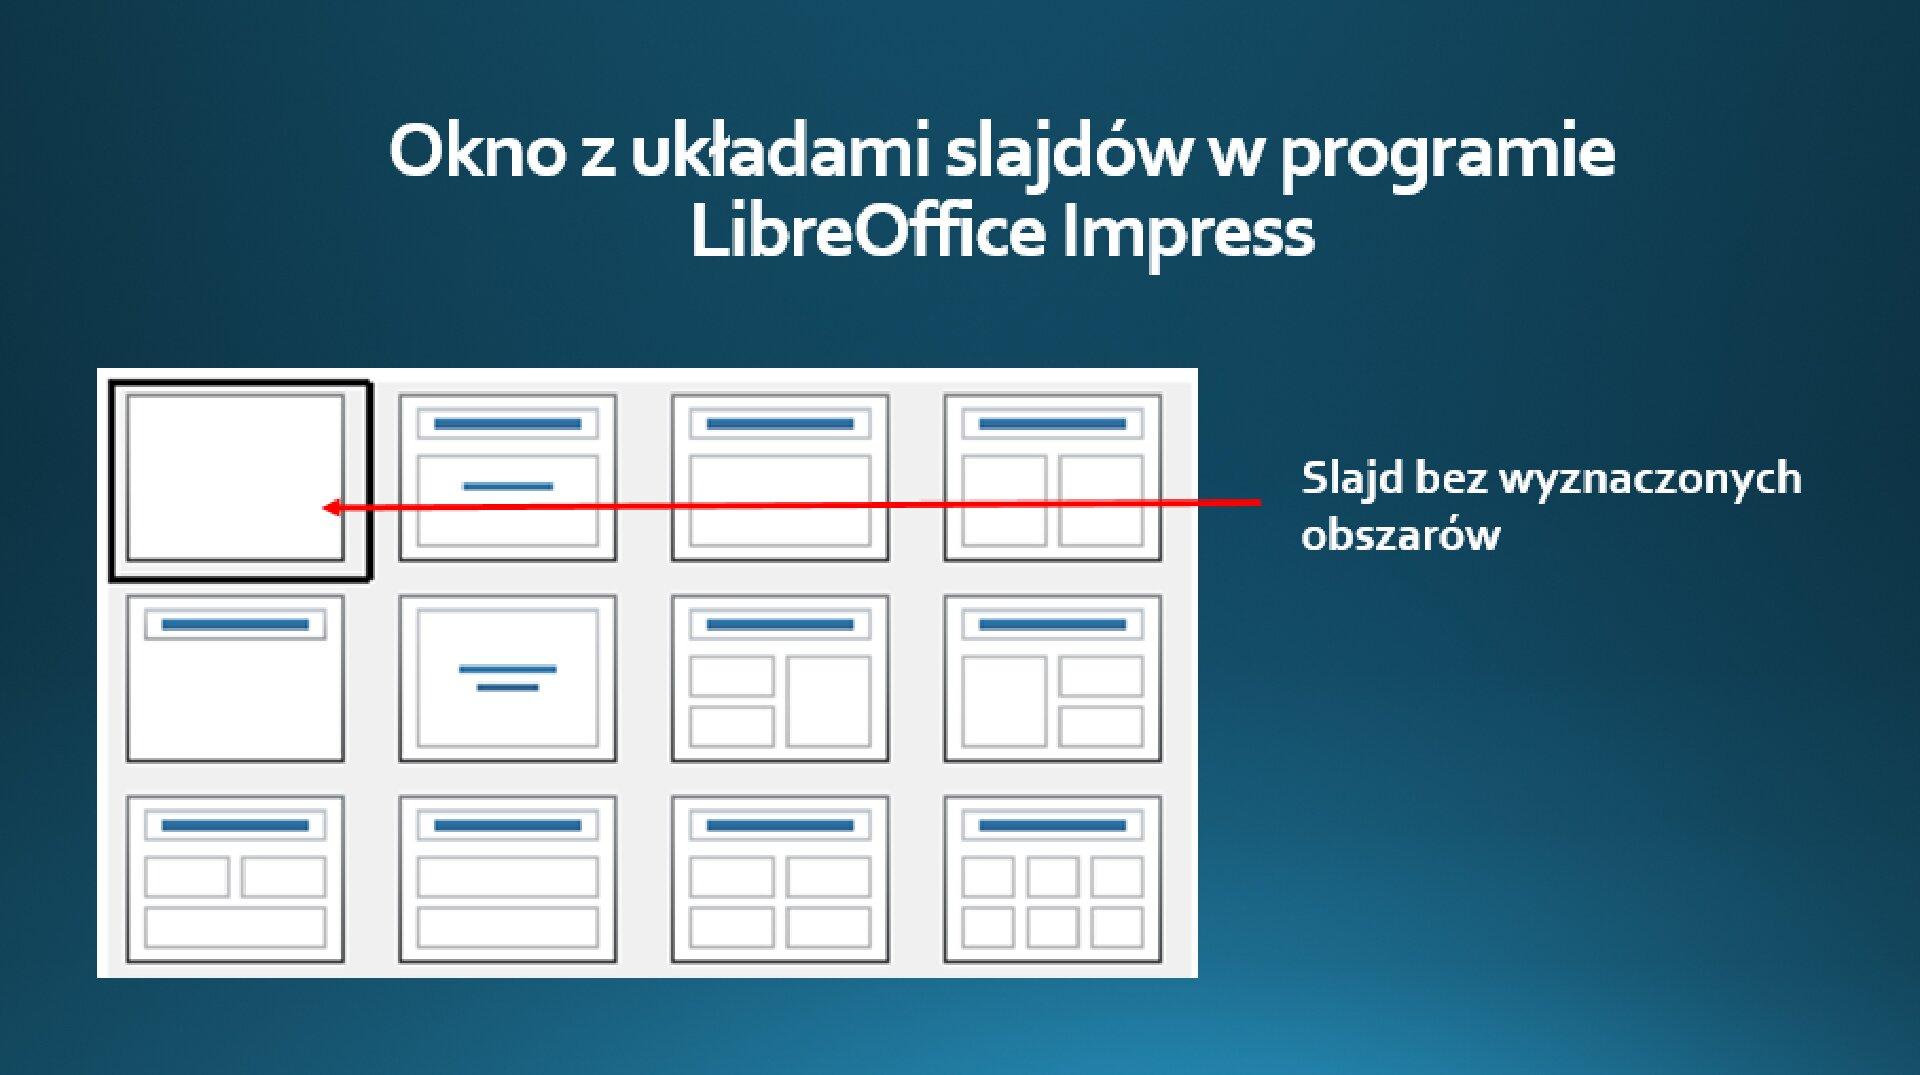 Zrzut okna zukładami slajdów wprogramie LibreOffice Impress